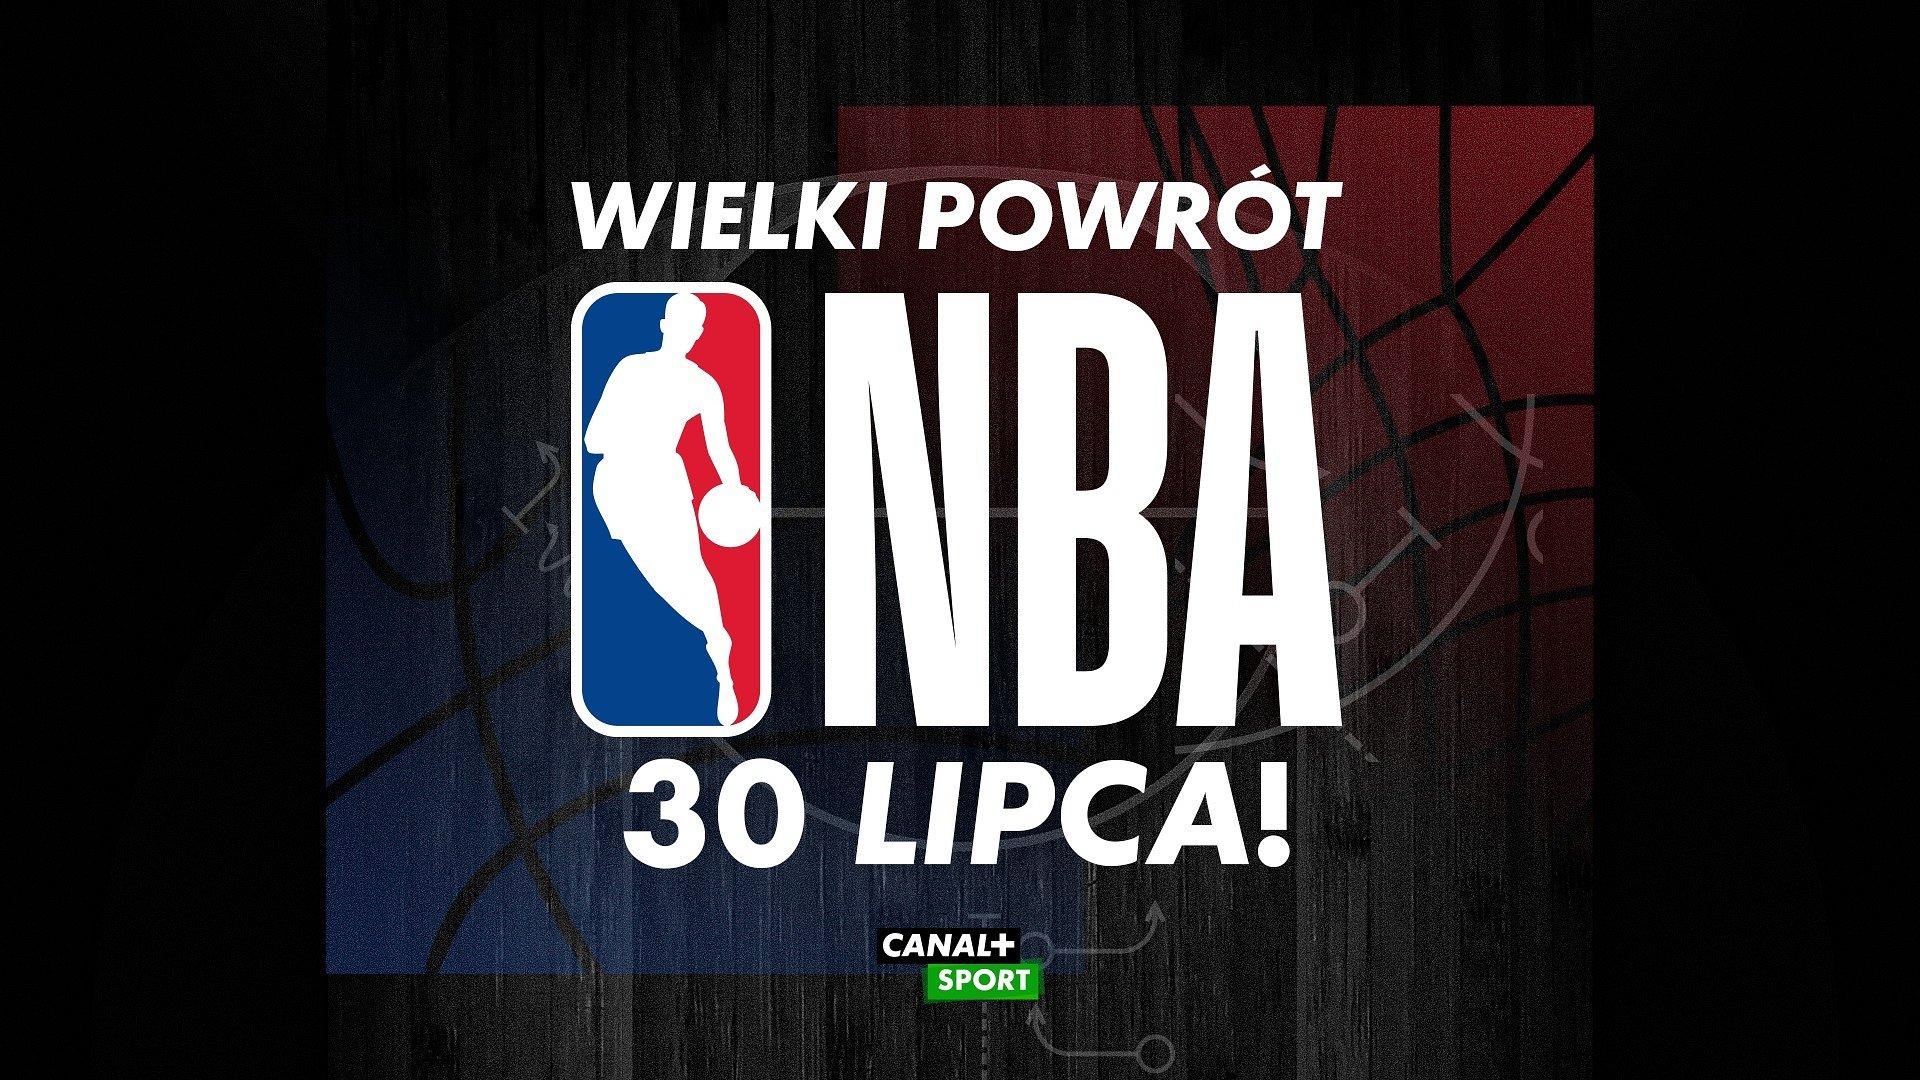 Wielki powrót NBA. Najlepsza koszykarska liga świata wznawia rozgrywki 30 lipca